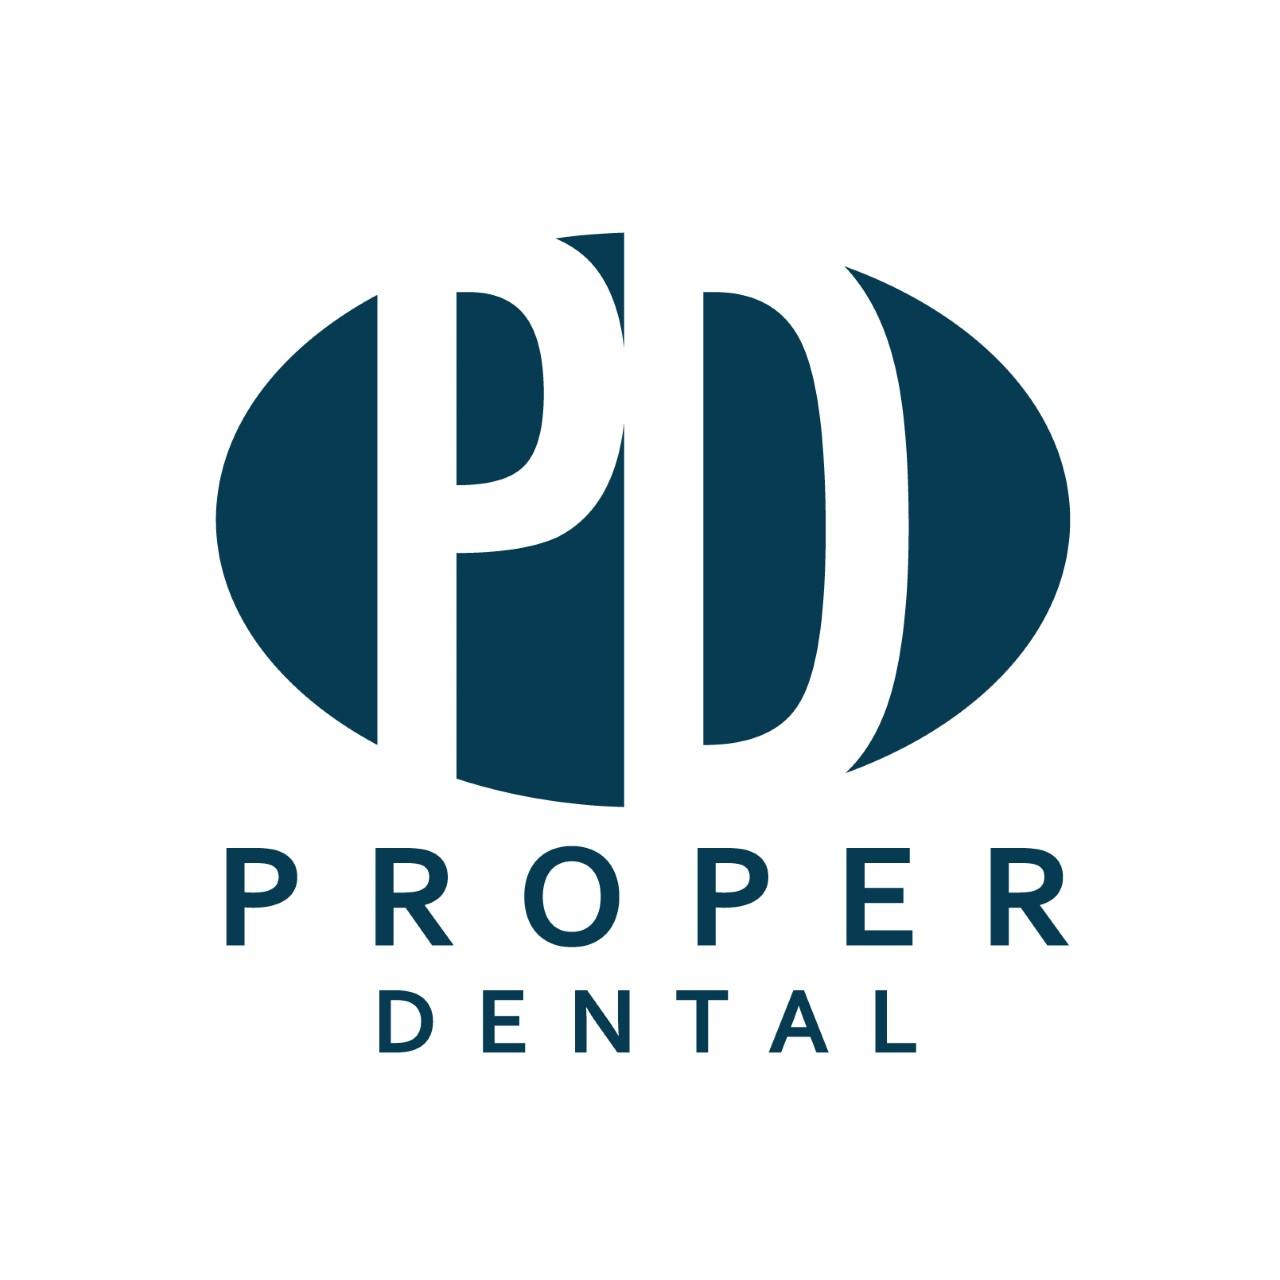 Proper Dental Tandläkarmottagning